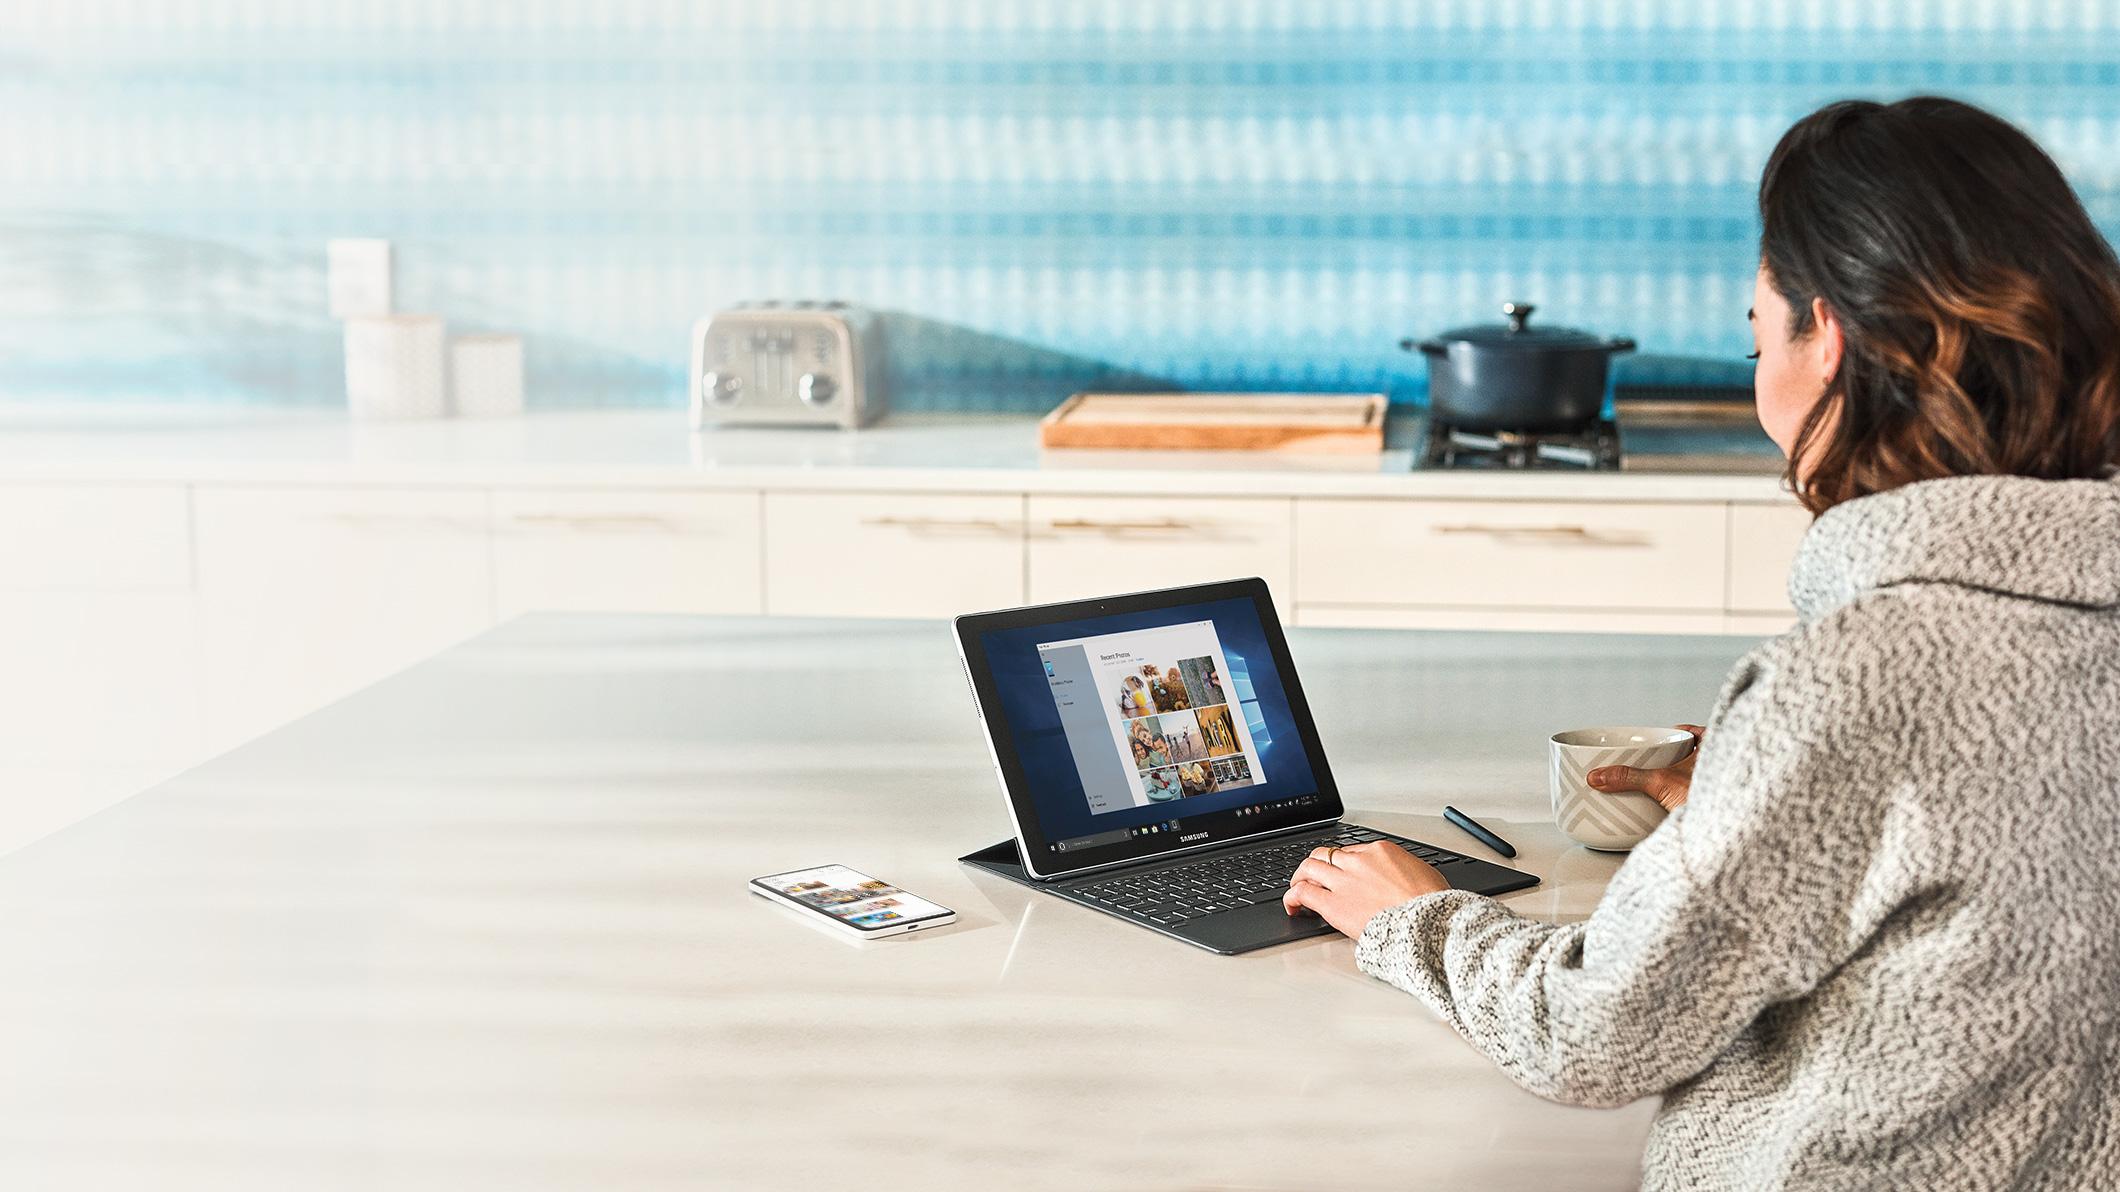 Frau interagiert mit PC und Smartphone bei einer Tasse Kaffee.